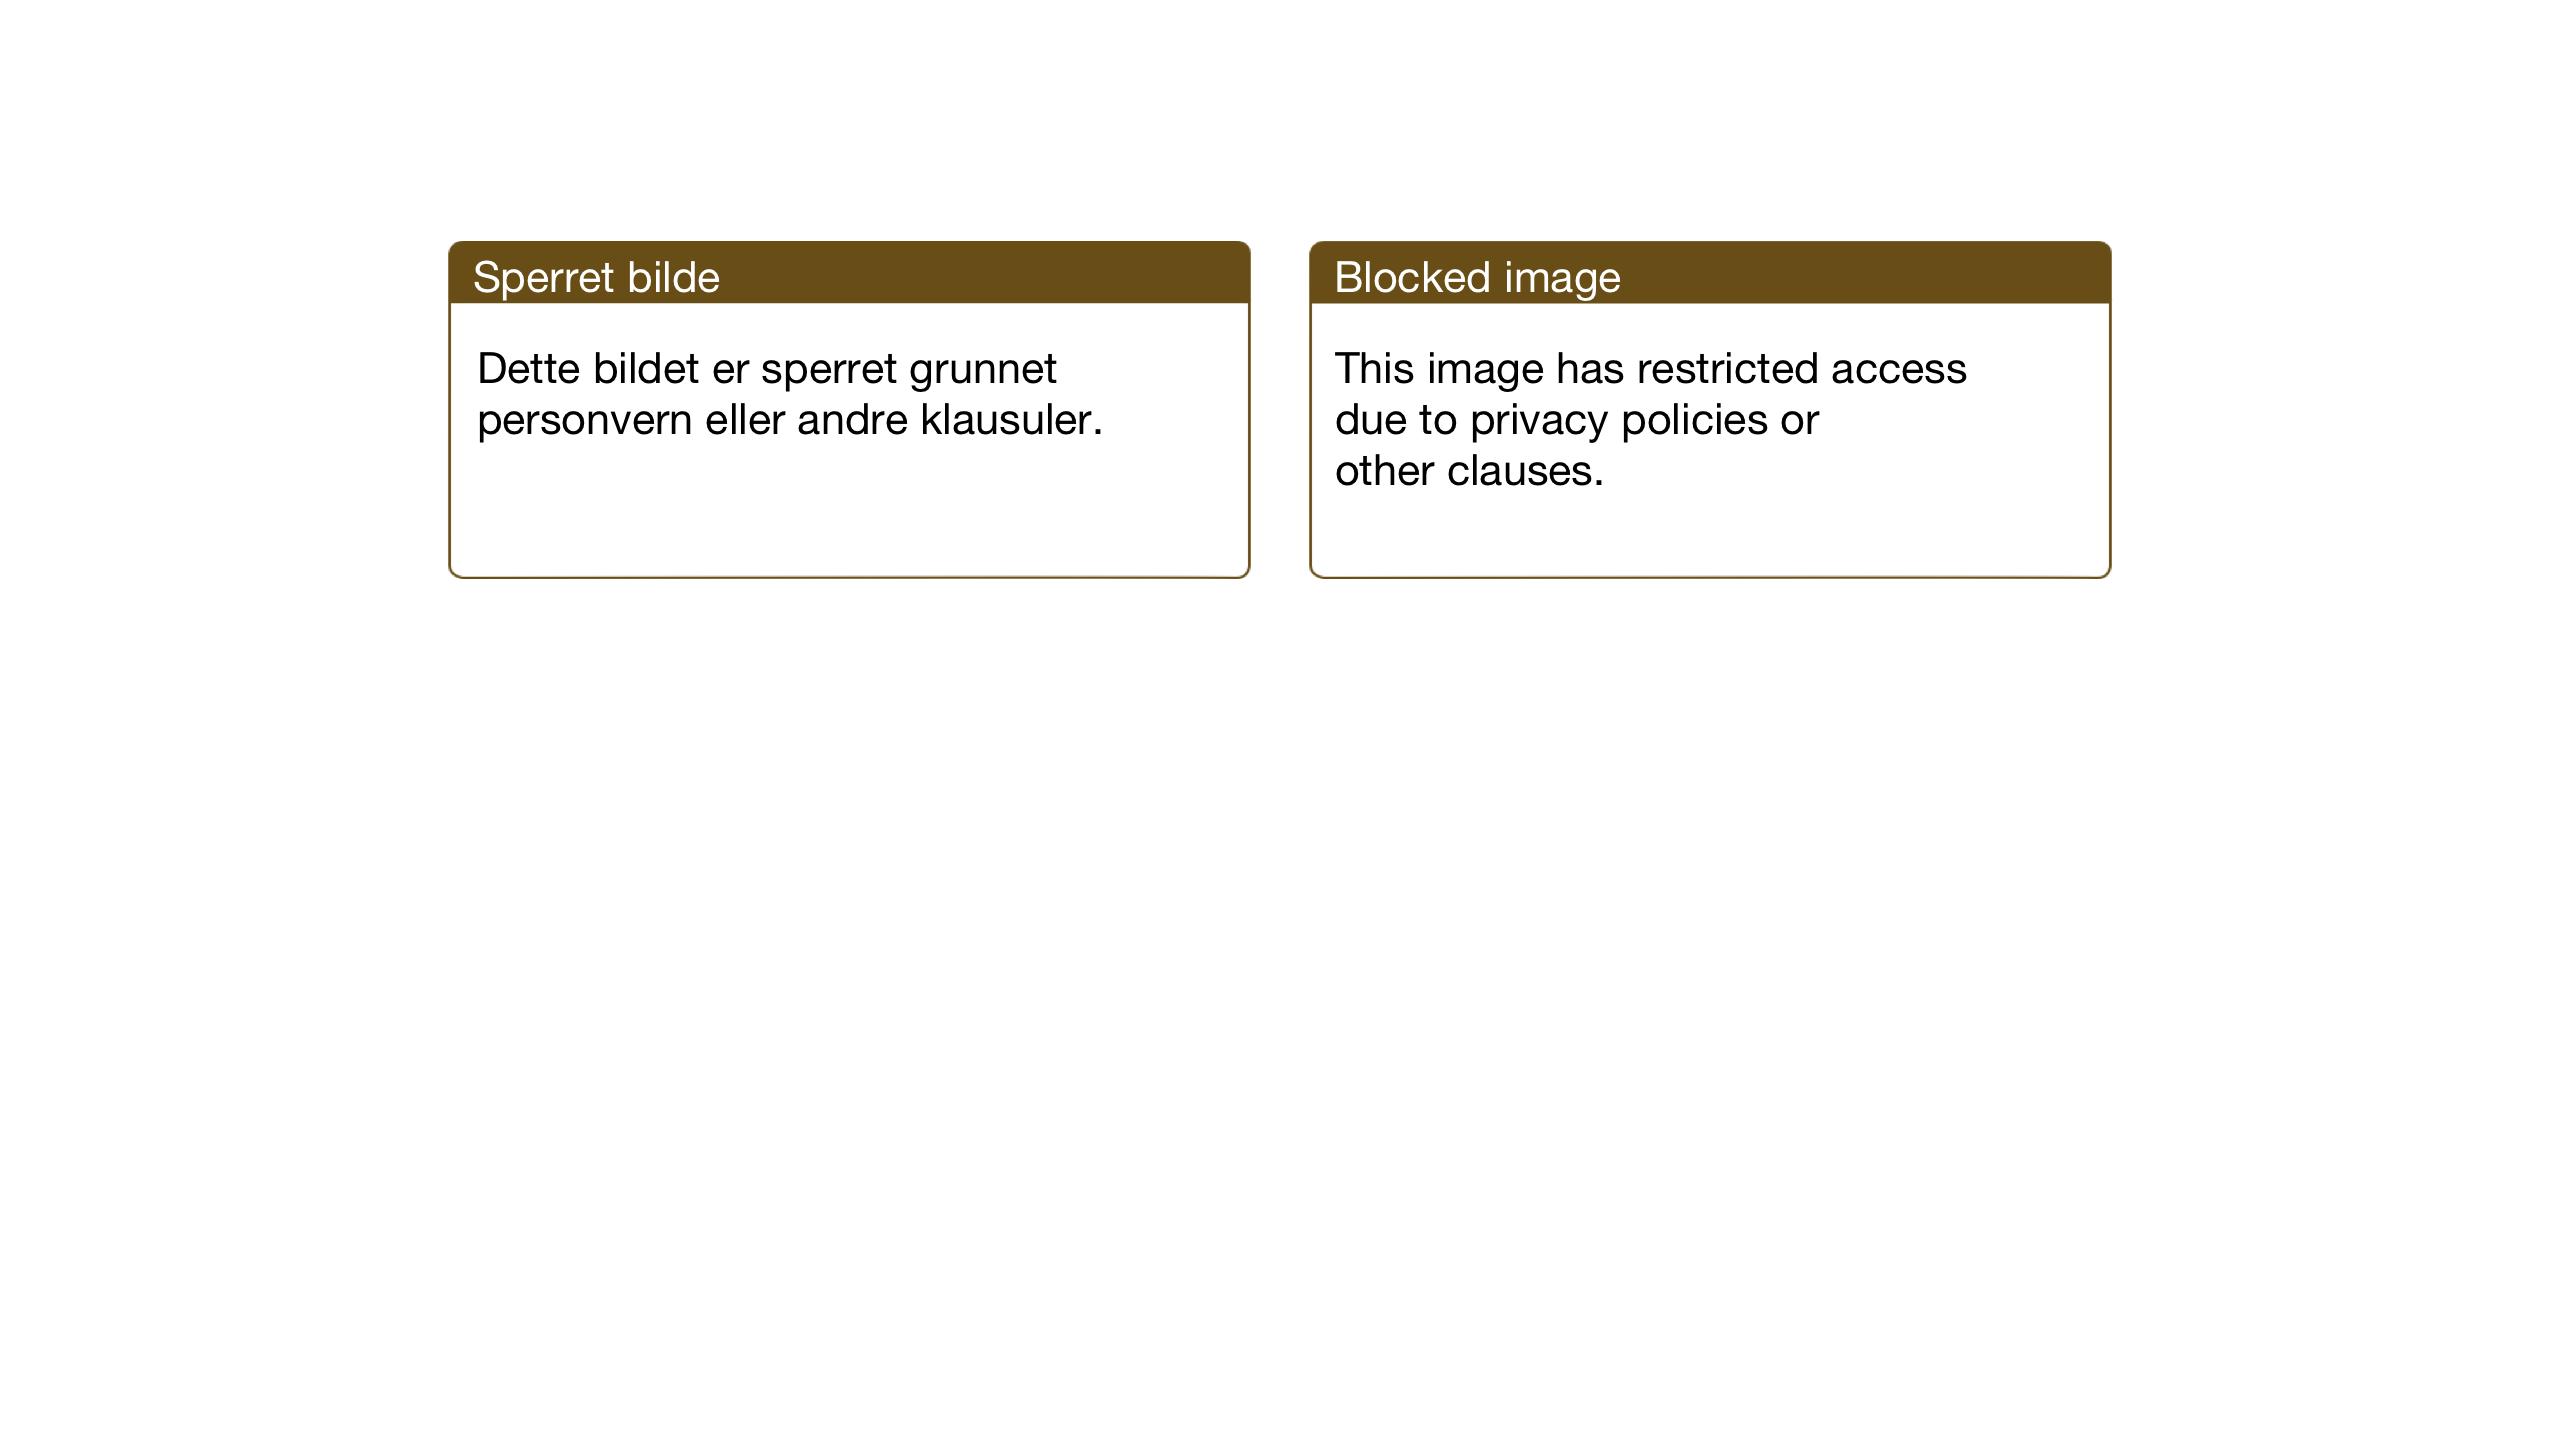 SAT, Ministerialprotokoller, klokkerbøker og fødselsregistre - Sør-Trøndelag, 657/L0718: Klokkerbok nr. 657C05, 1923-1948, s. 198